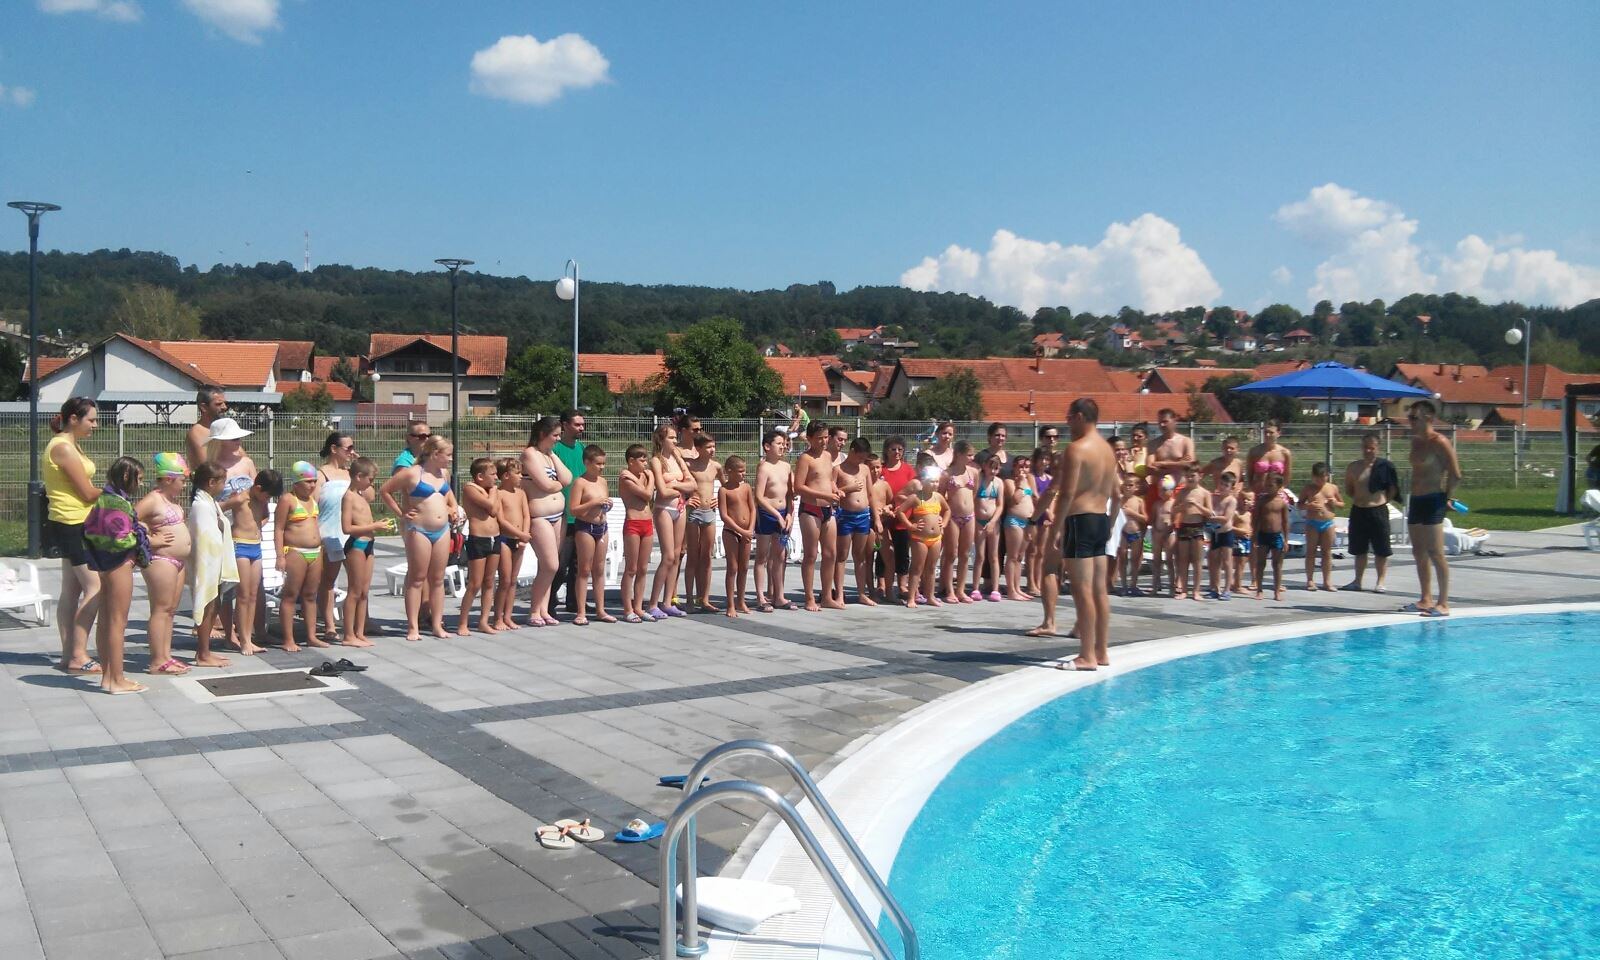 Škola plivanja, foto: J.D. / Svrljiške novine